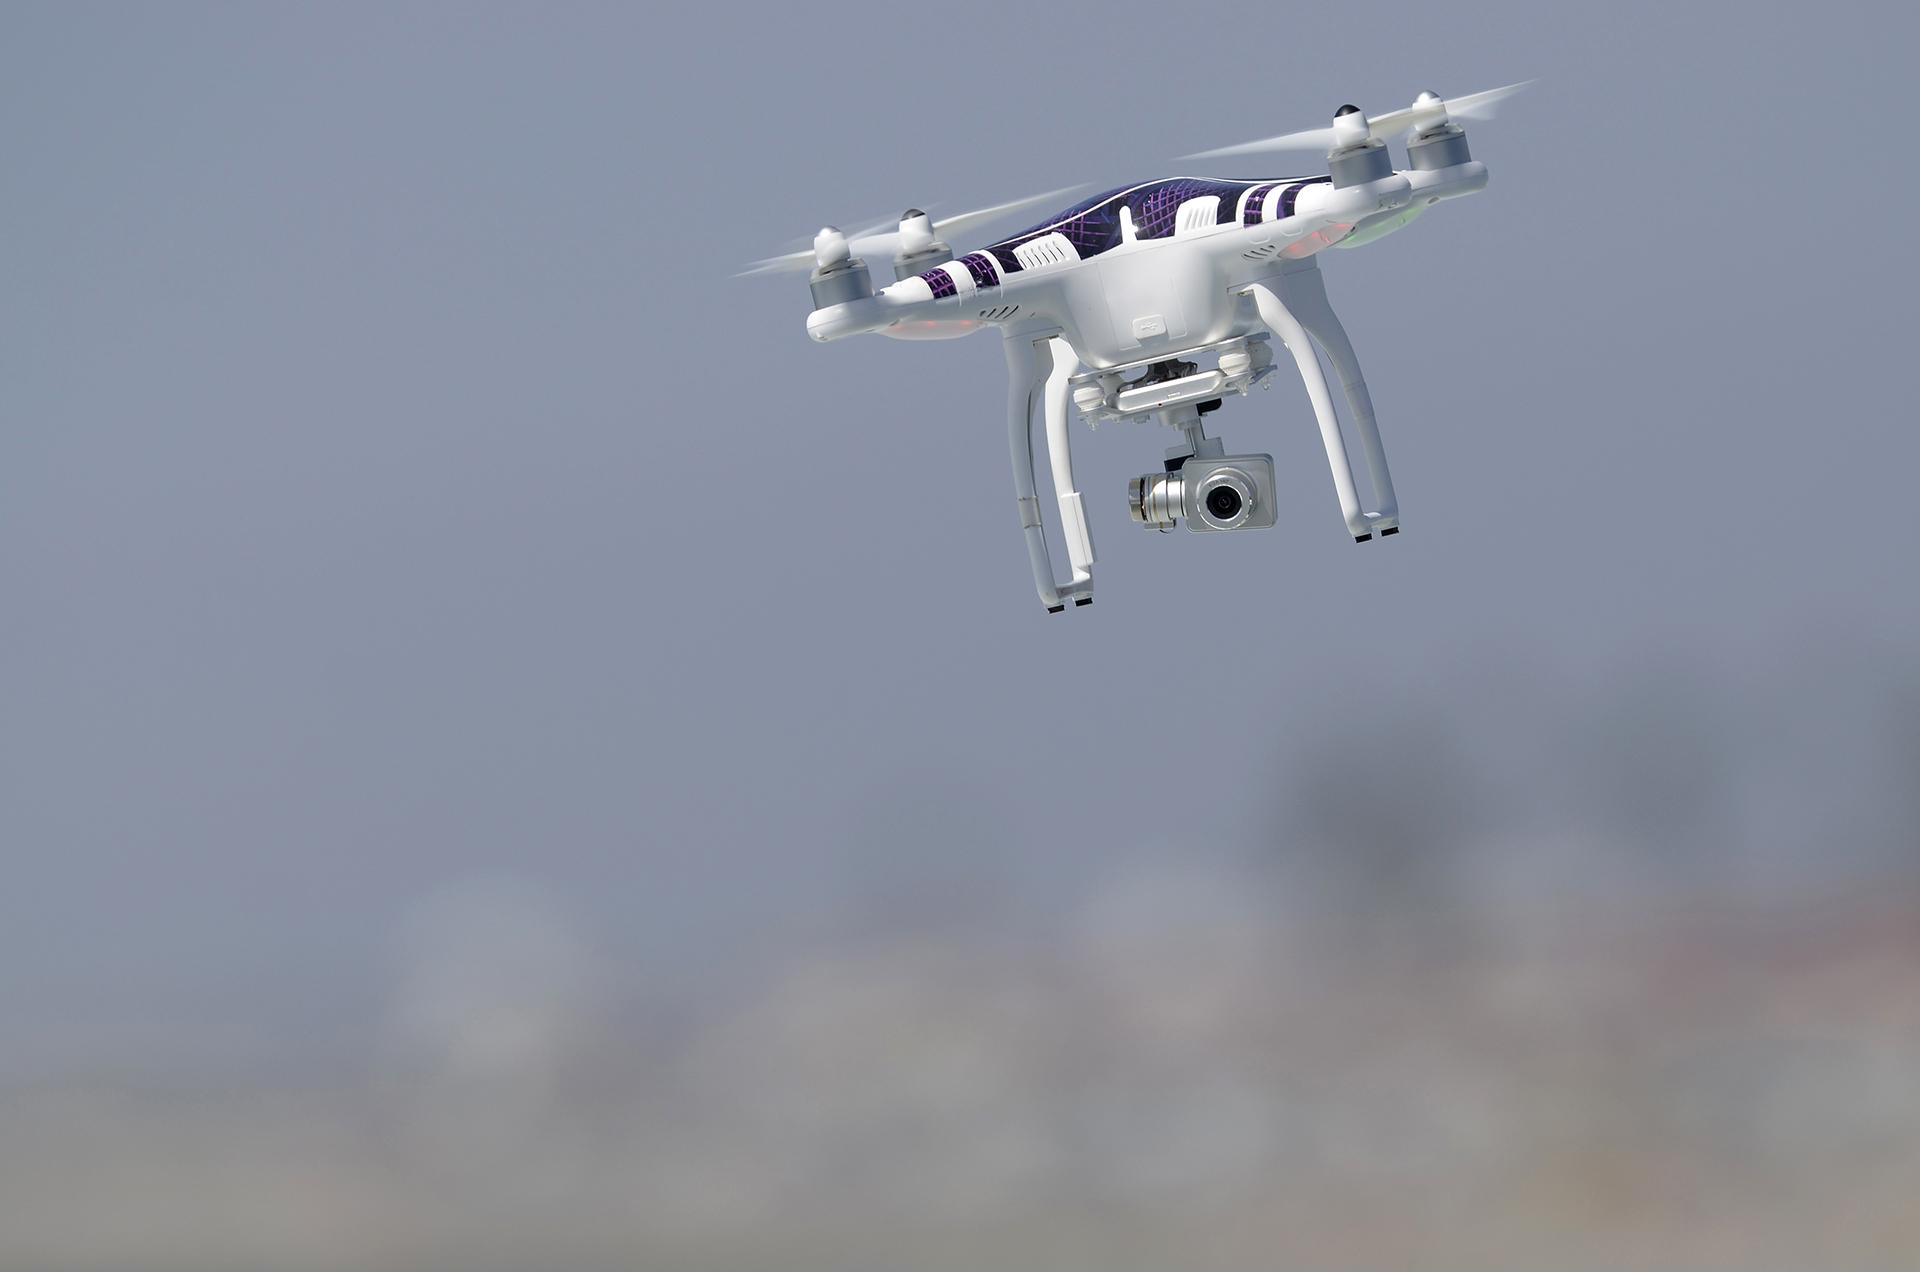 España: Volar un dron cerca de un aeropuerto, una infracción grave con hasta 90.000 euros de multa